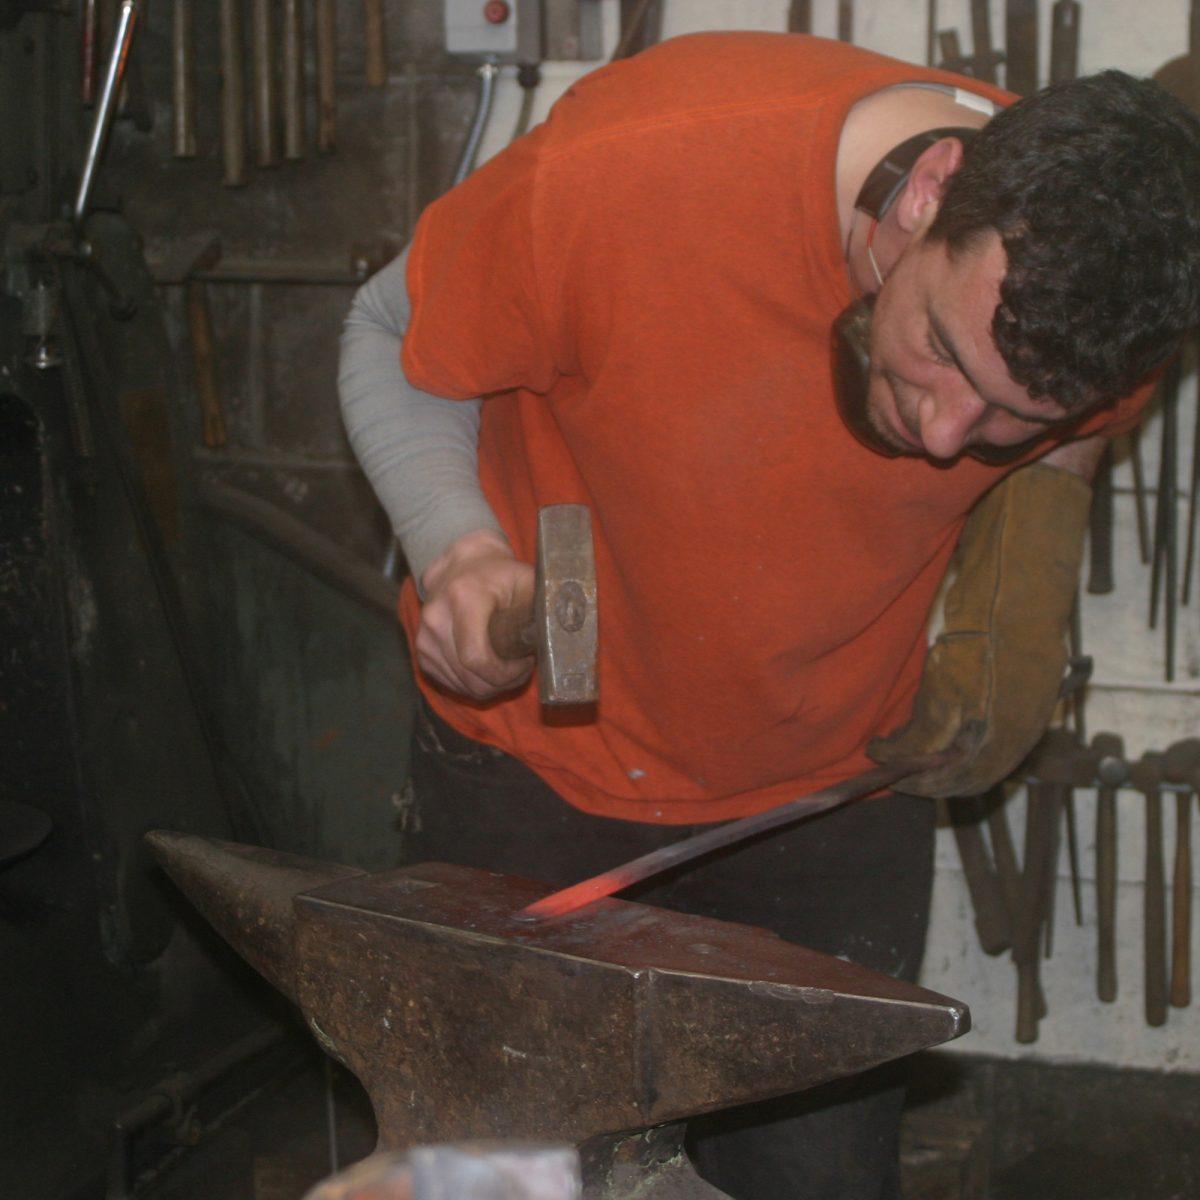 Exquisite blacksmithing